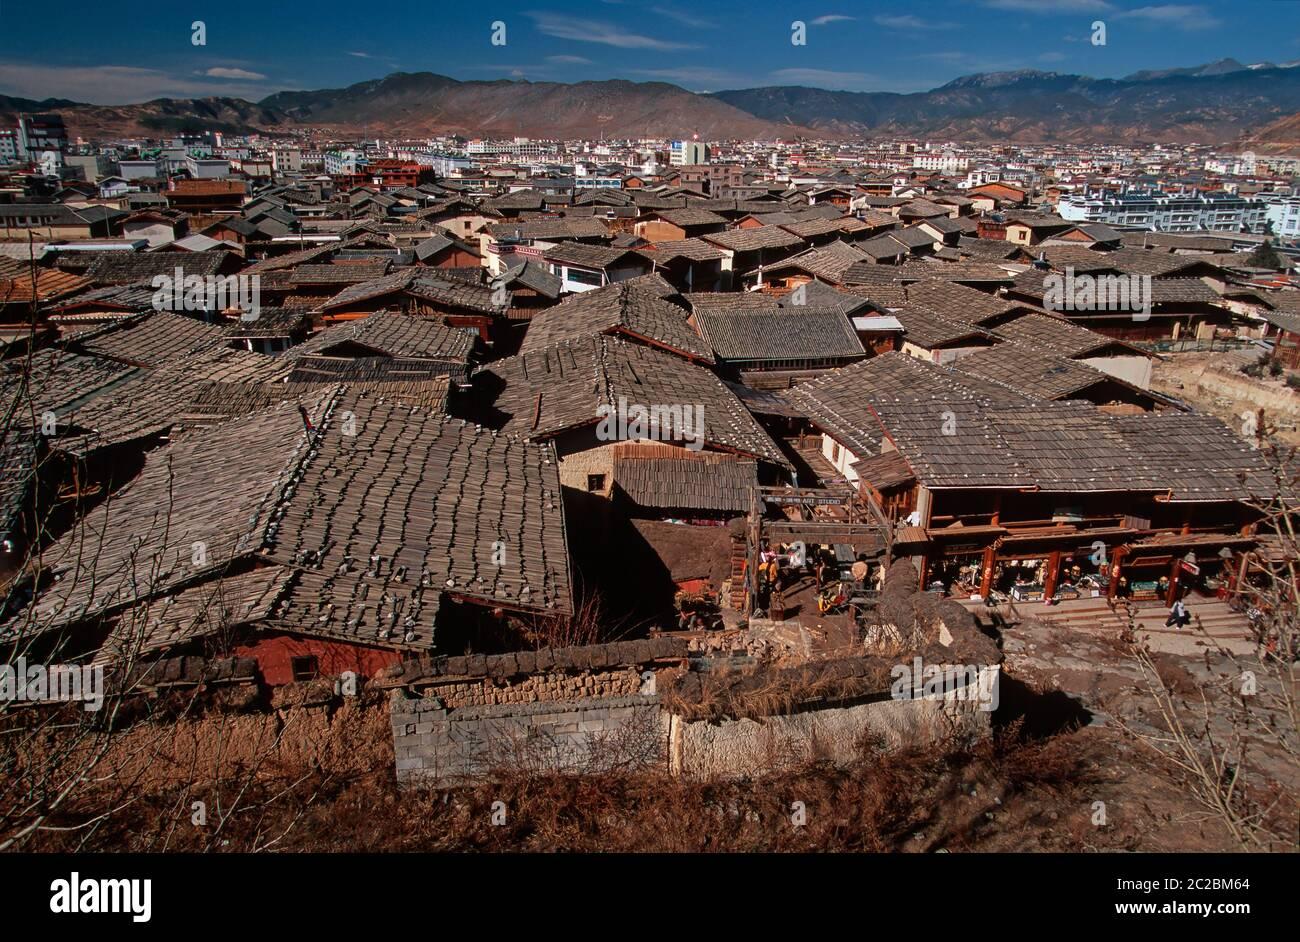 TECHOS DE ZHONGDIAN (XIANGELILA) SHANGRI-LA, YUNNAN, MESETA TIBETANA, ALTOPIANO TIBETANO, CHINA Foto de stock